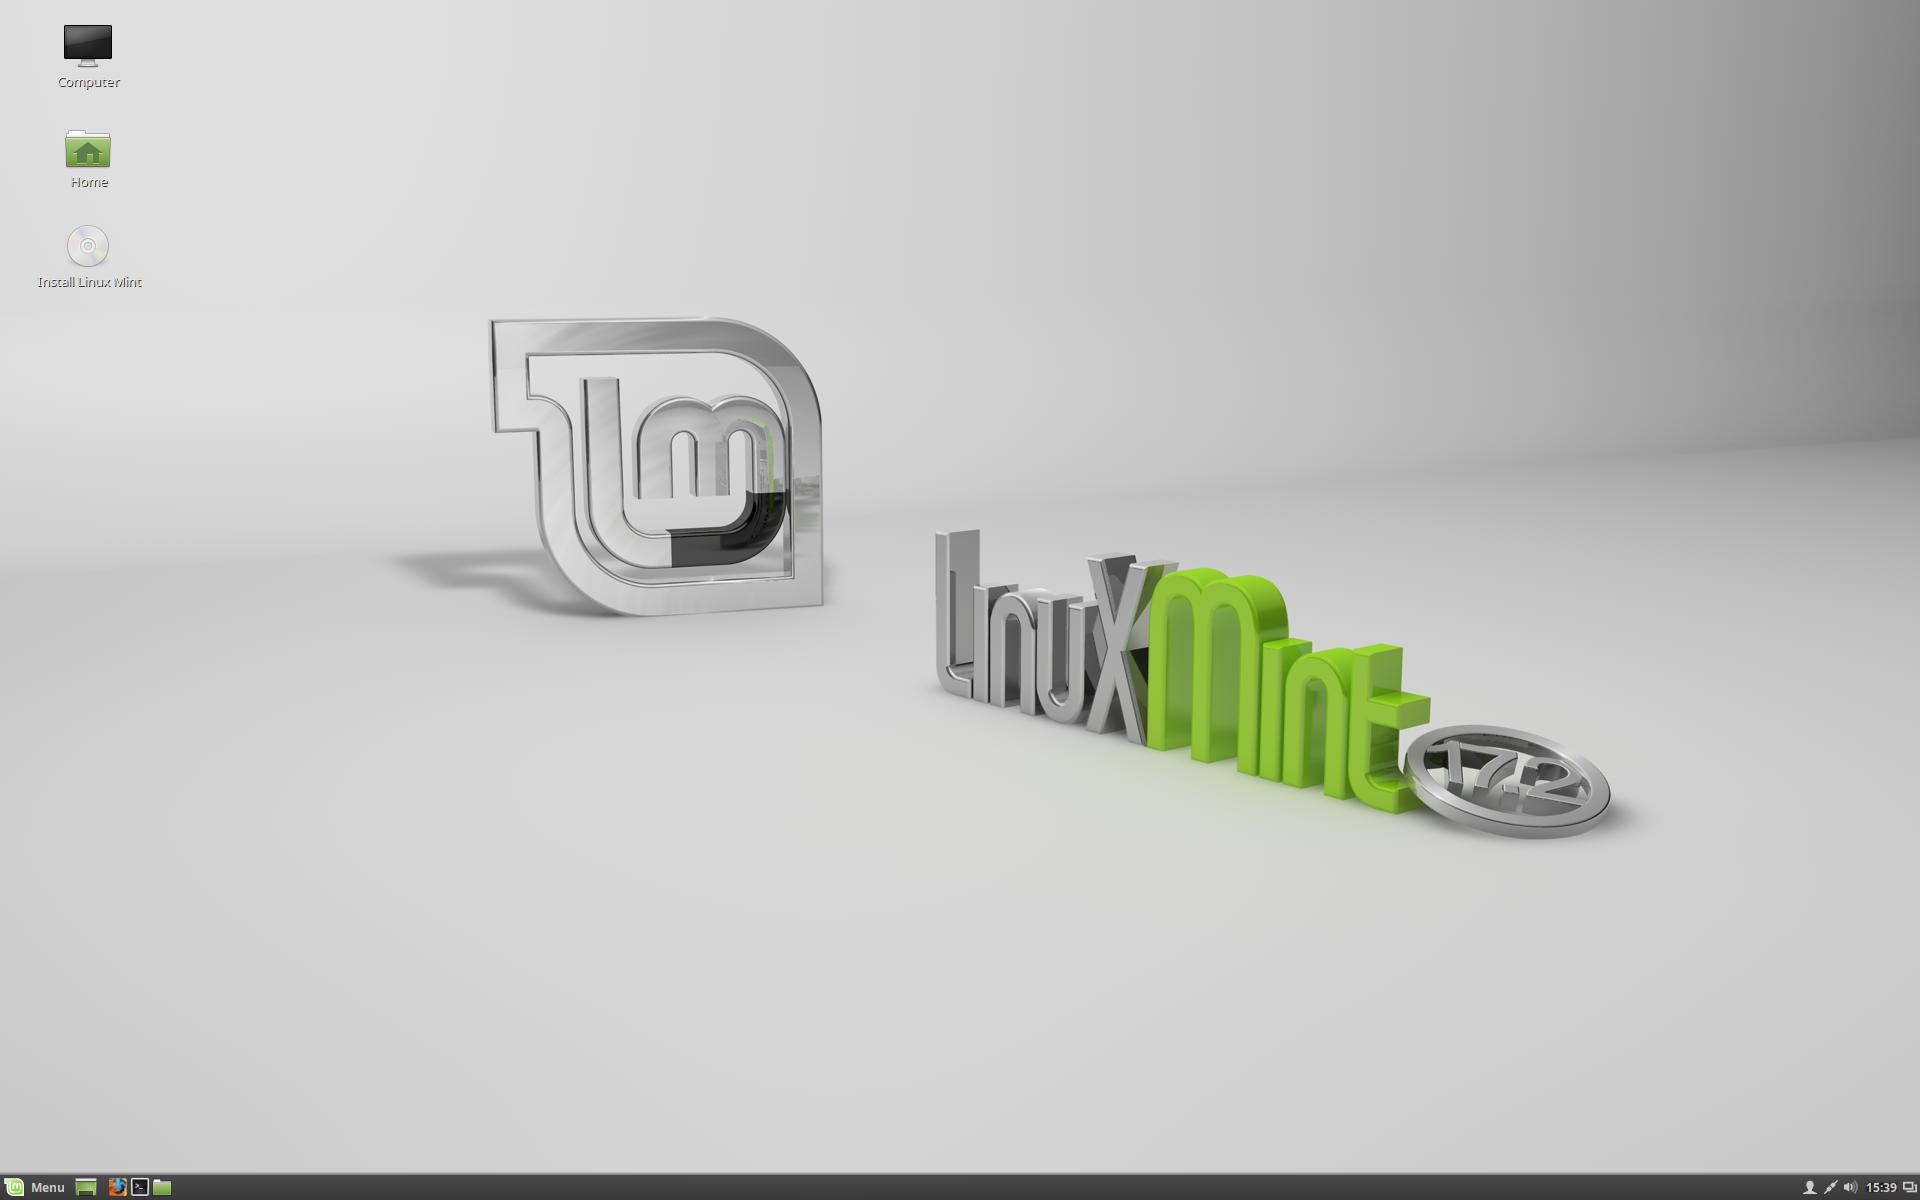 Linux Mint 17 2 Cinnamon Release Notes - Linux Mint